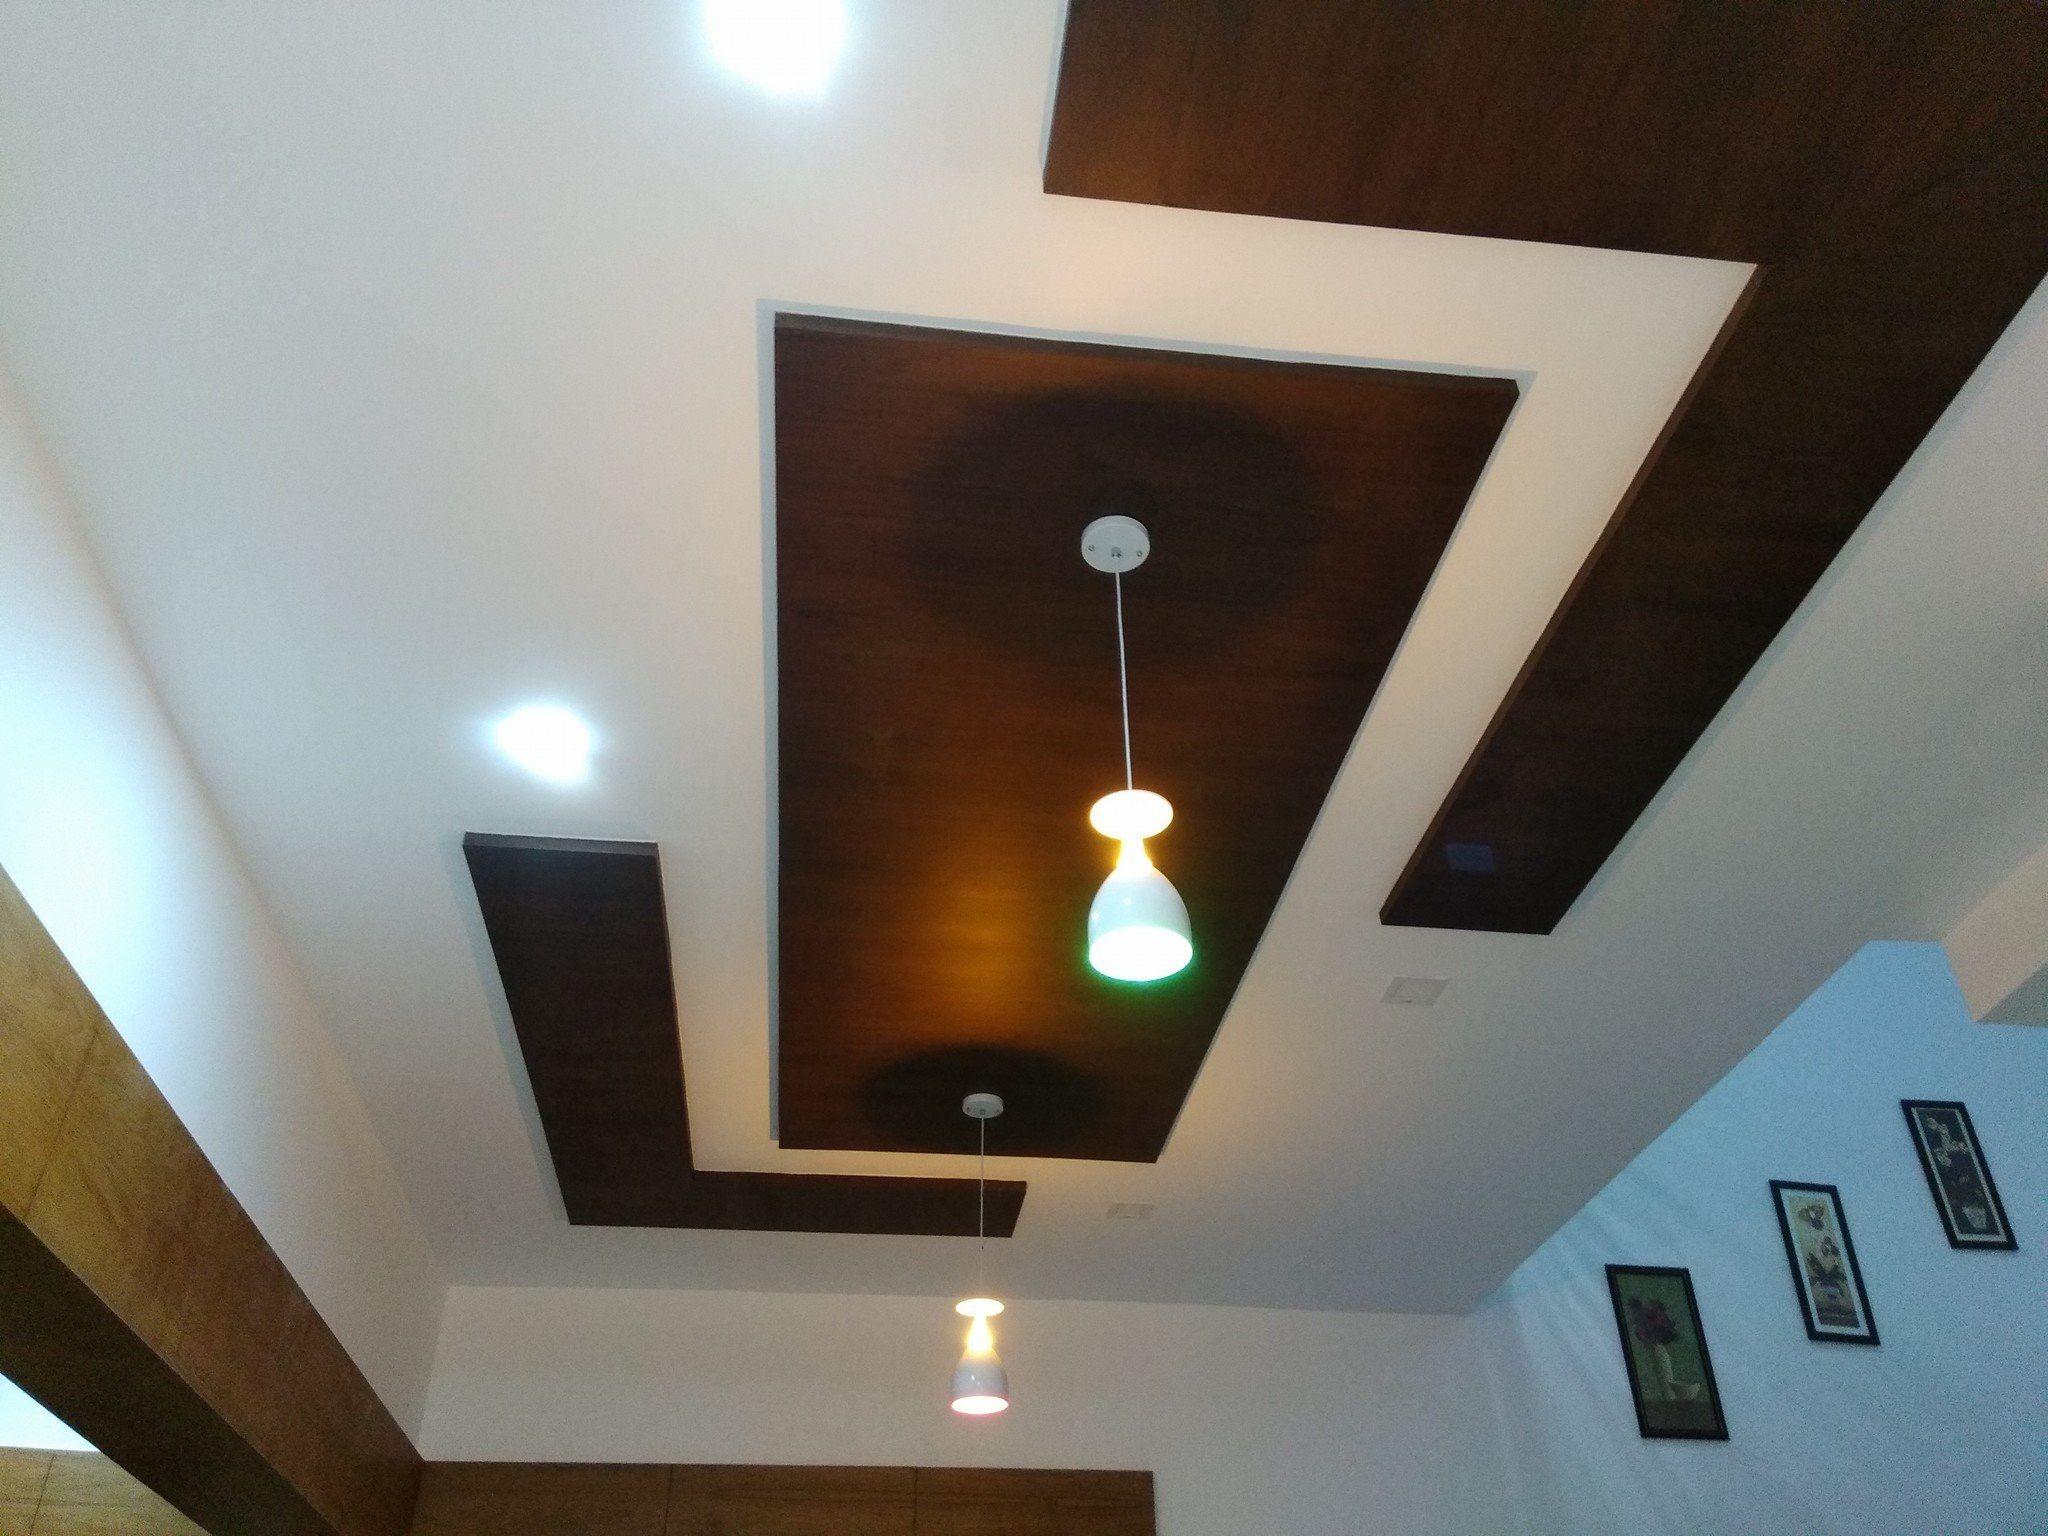 Pin By Aviev Aviev On Ceilings Designs Ceiling Design Simple False Ceiling Design Ceiling Design Modern